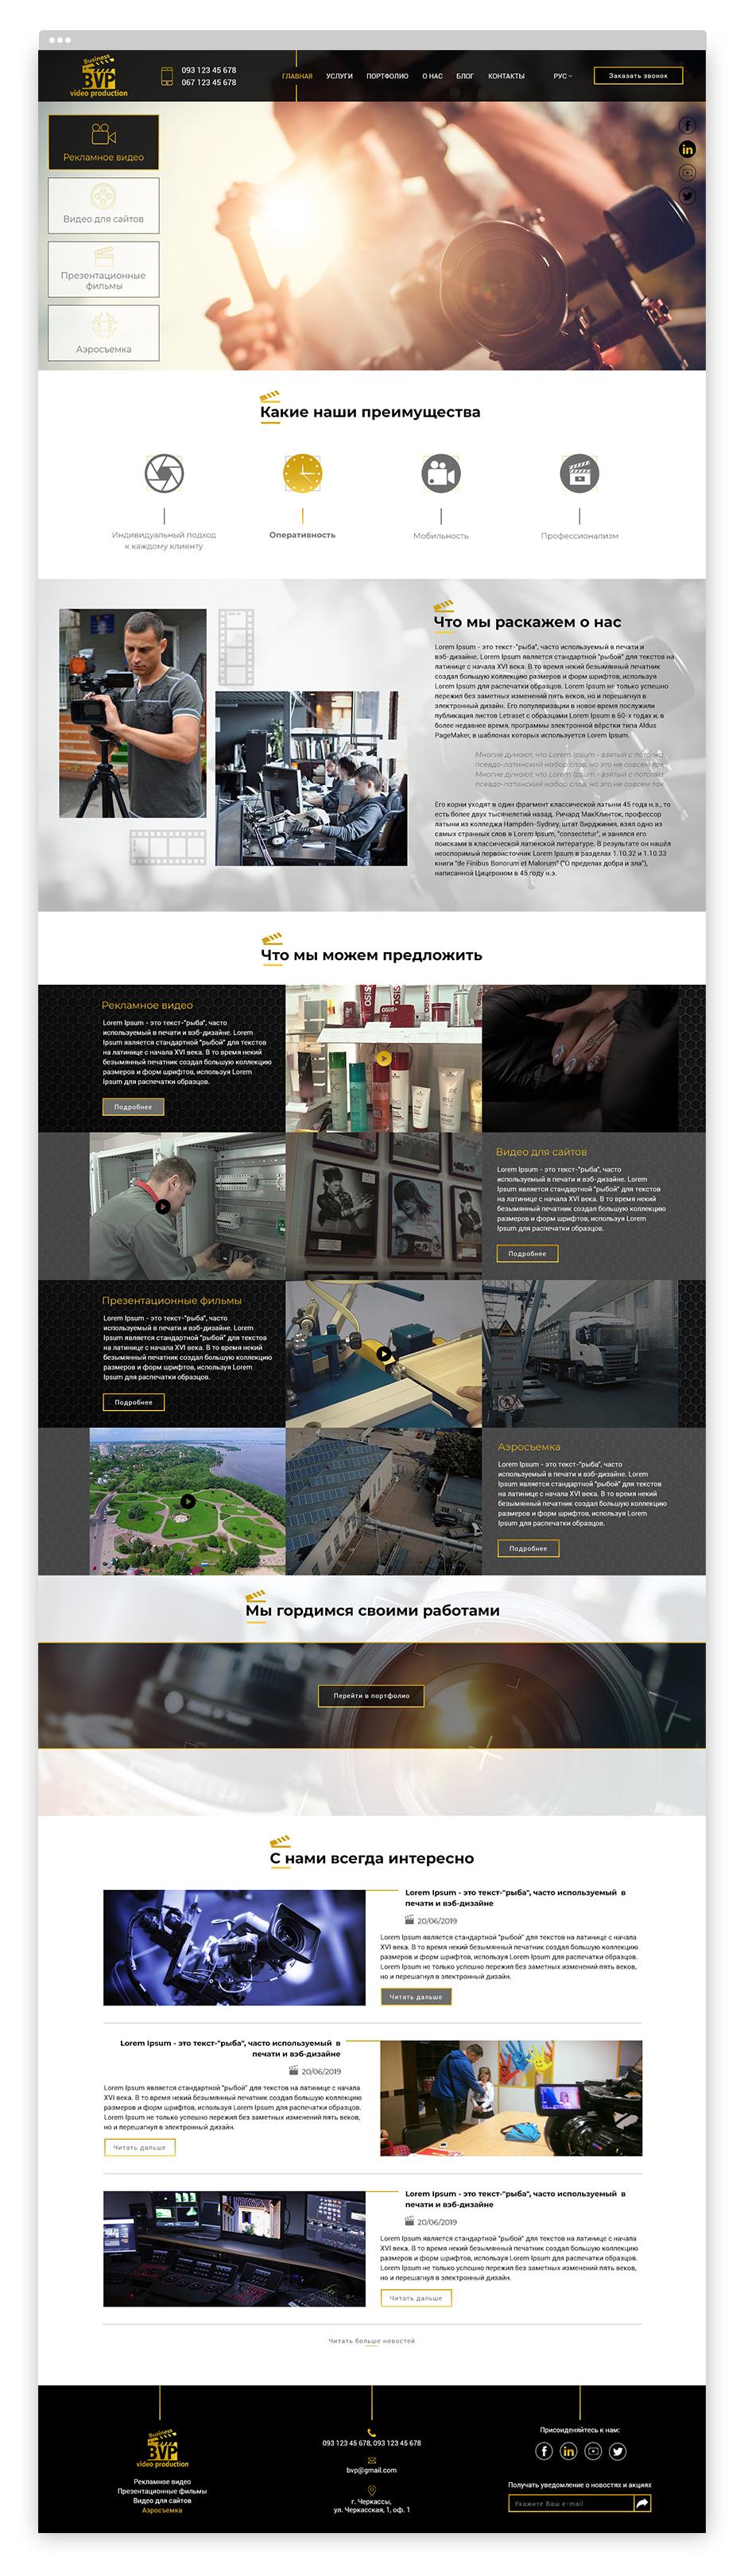 icreative.com.ua_bvp_portfolio_1